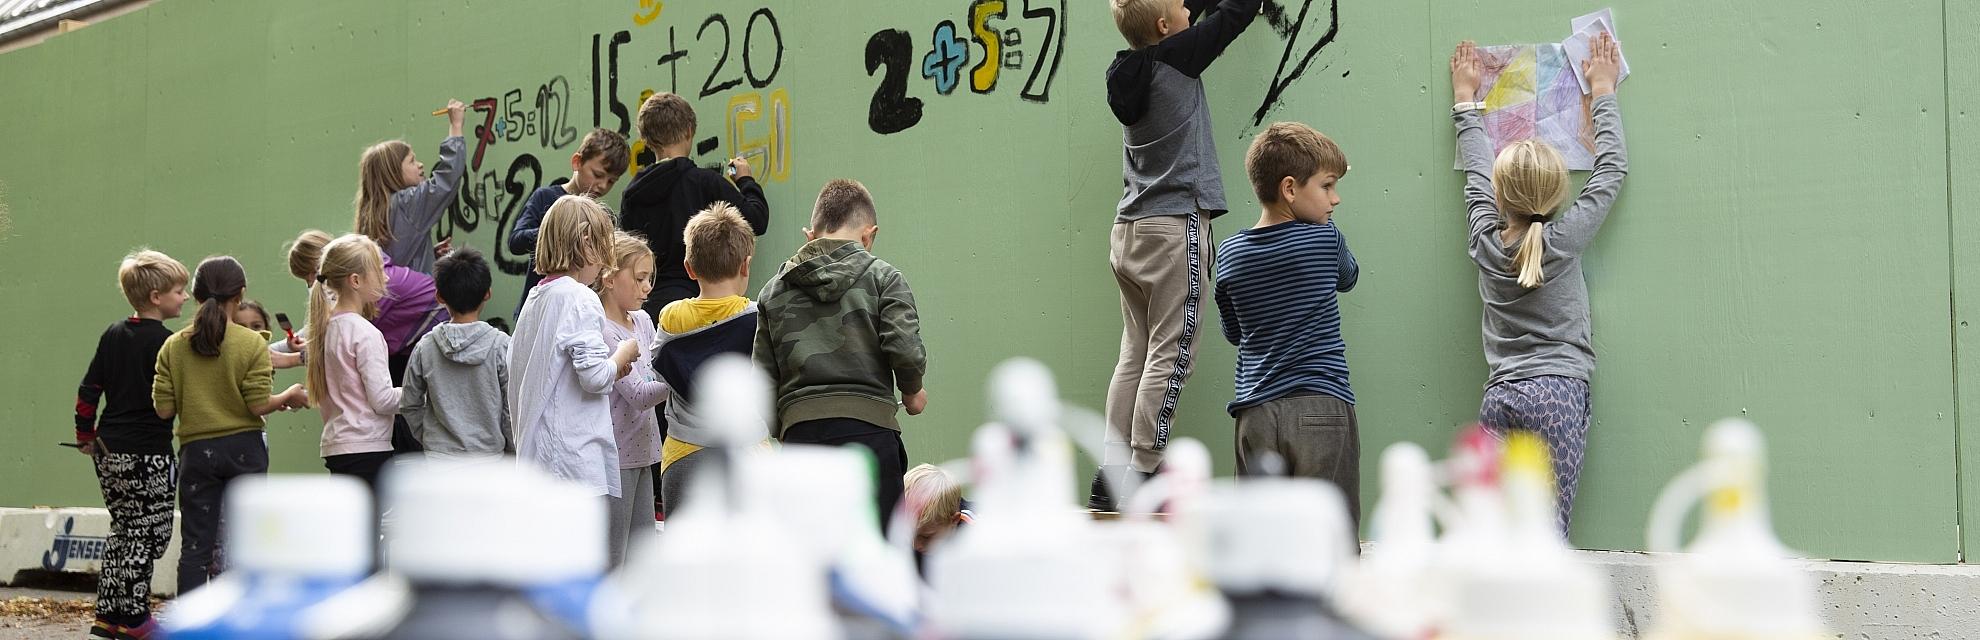 Skovvangsskolen maler byggehegn